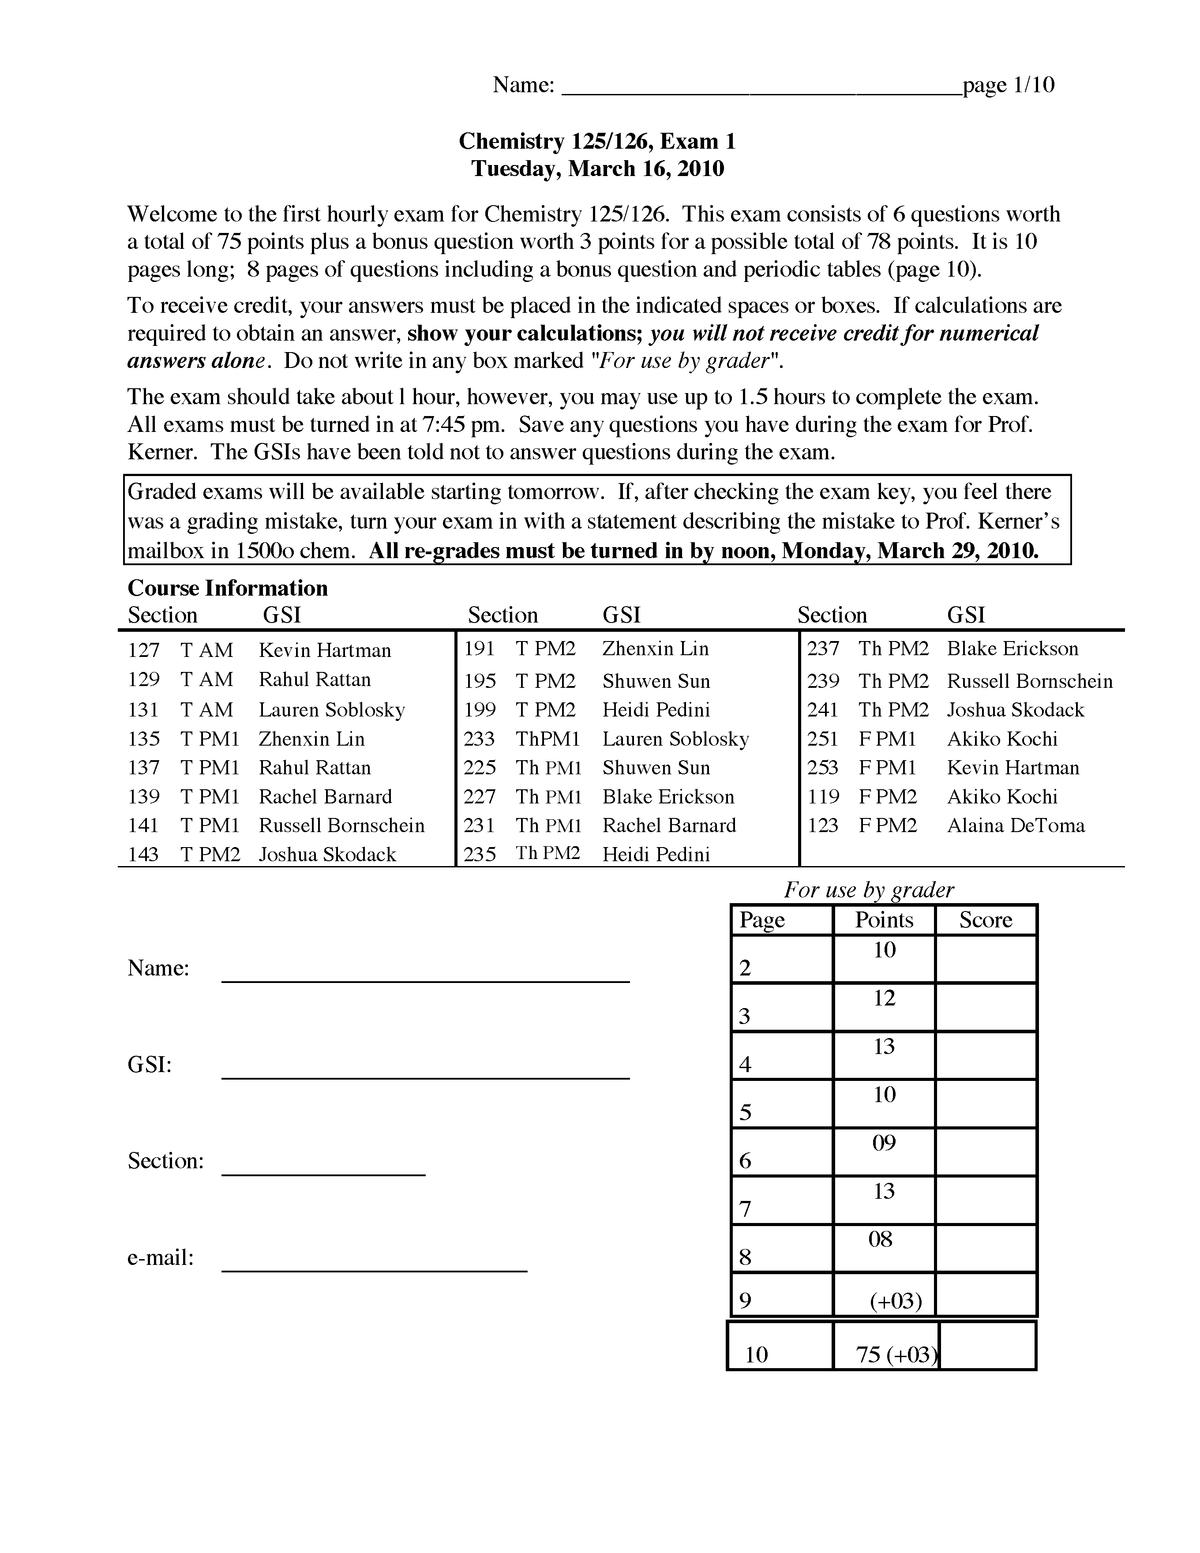 Exam 2011 - CHEM 125: General Chemistry Laboratory I - StuDocu